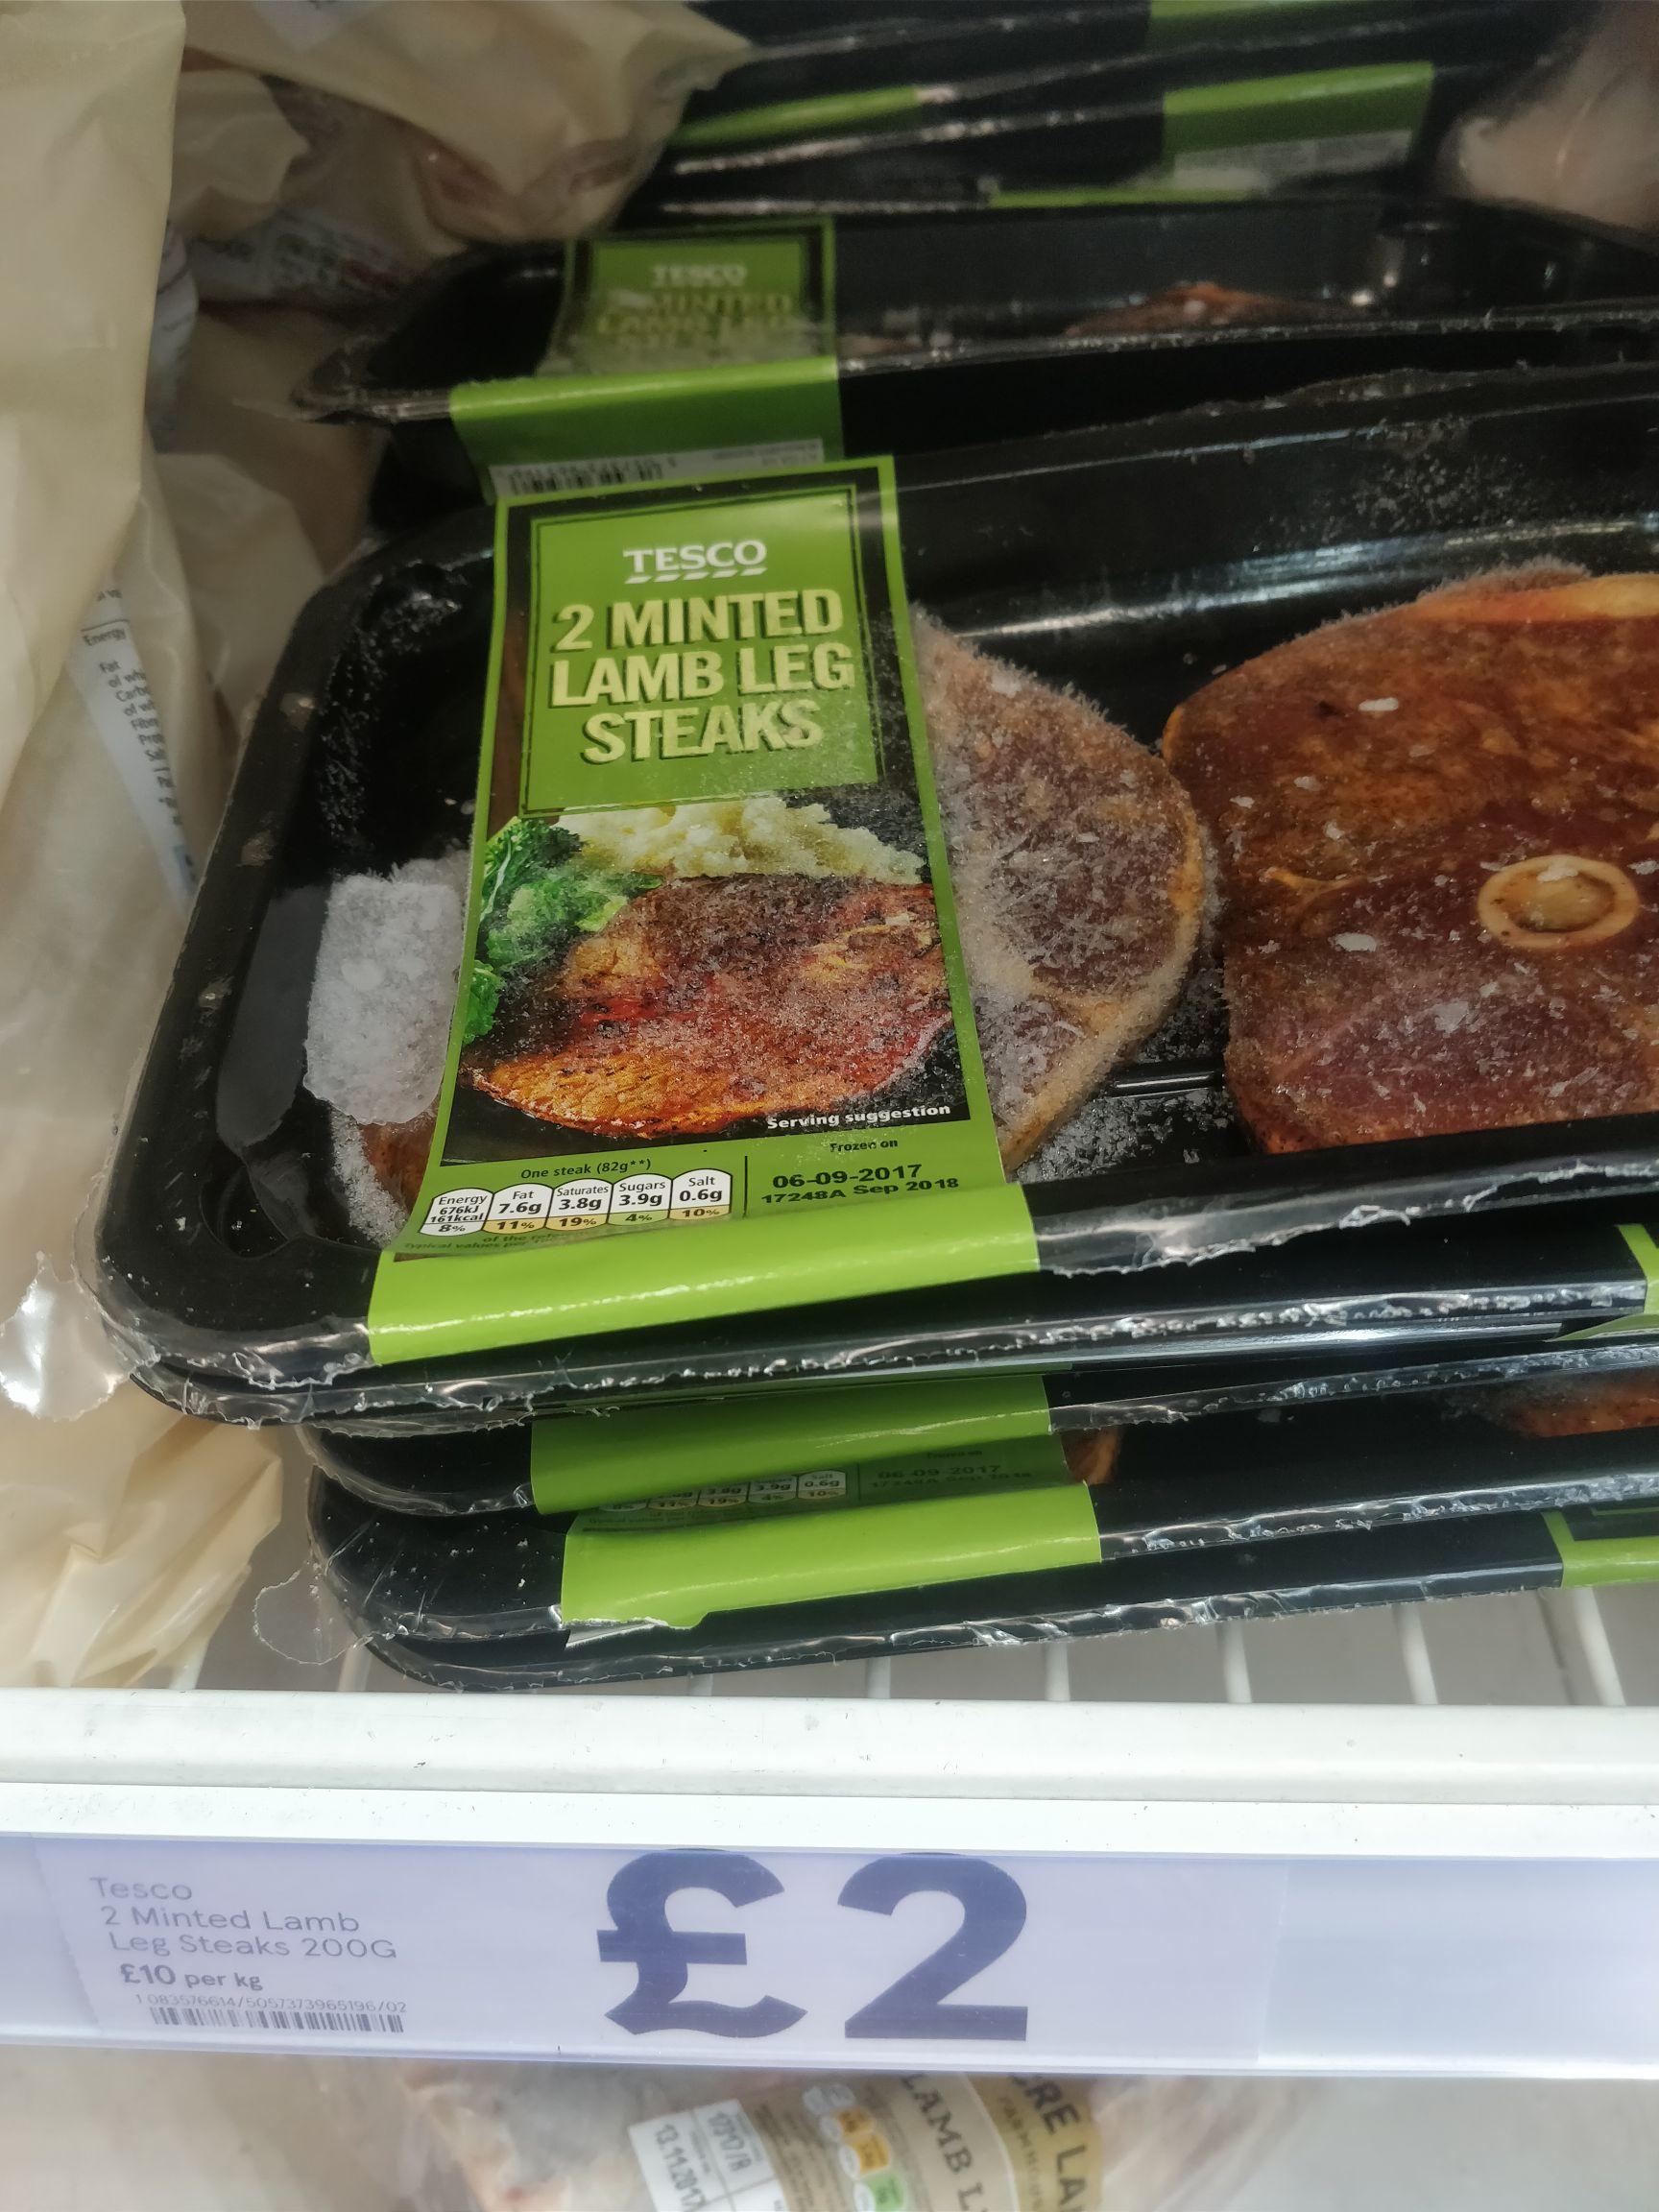 Tesco frozen minted lamb steaks £2 (instore)